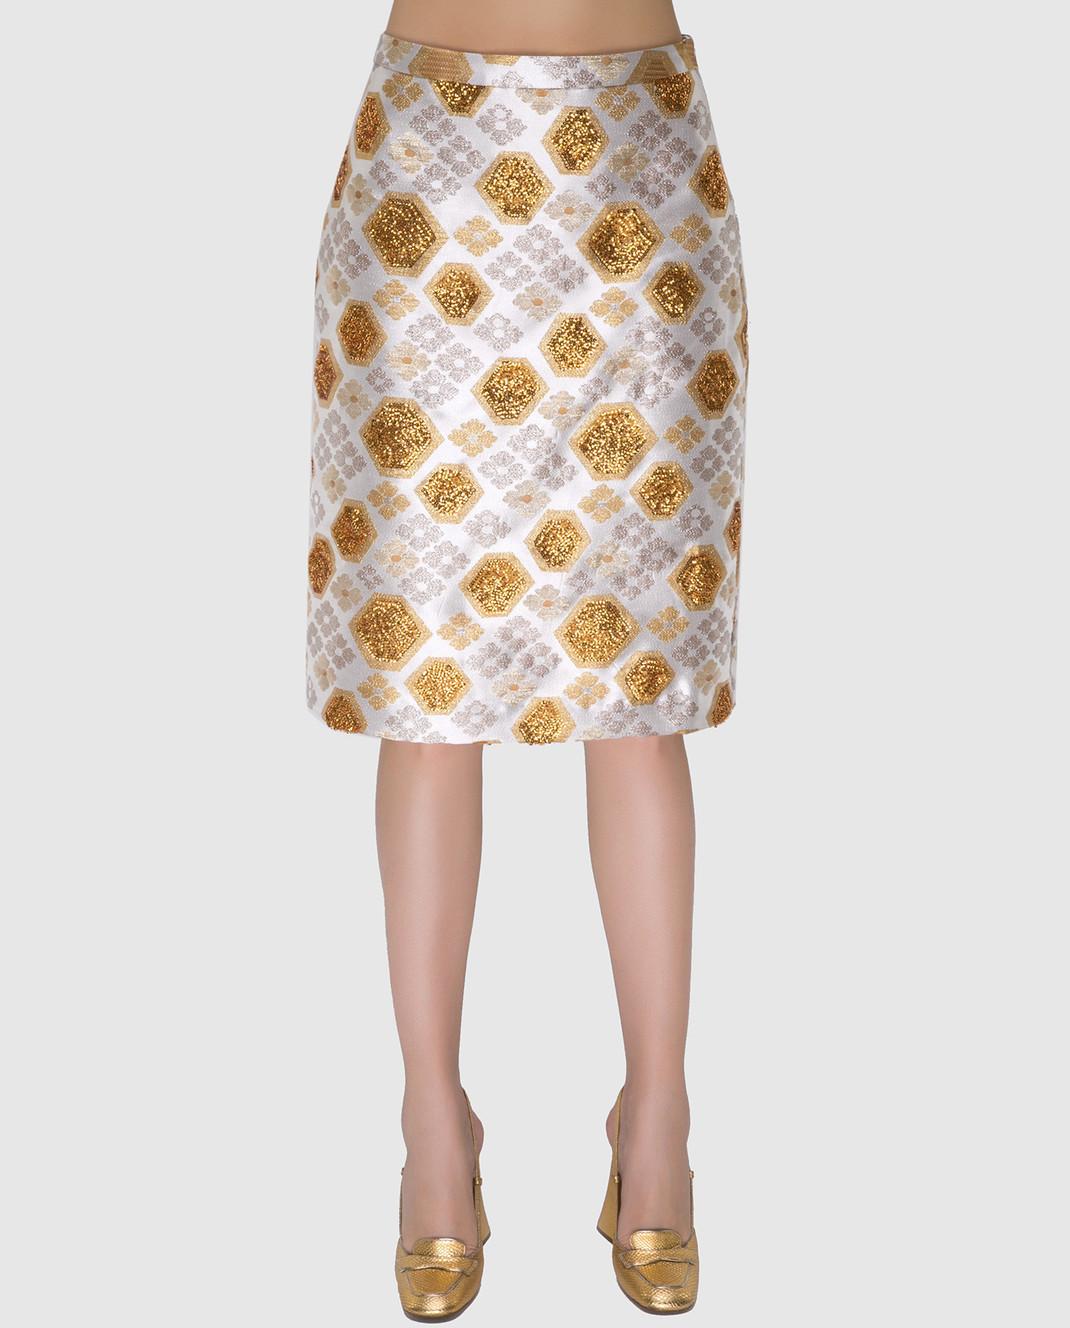 Manoush Светло-бежевая юбка PE7BROJ изображение 3